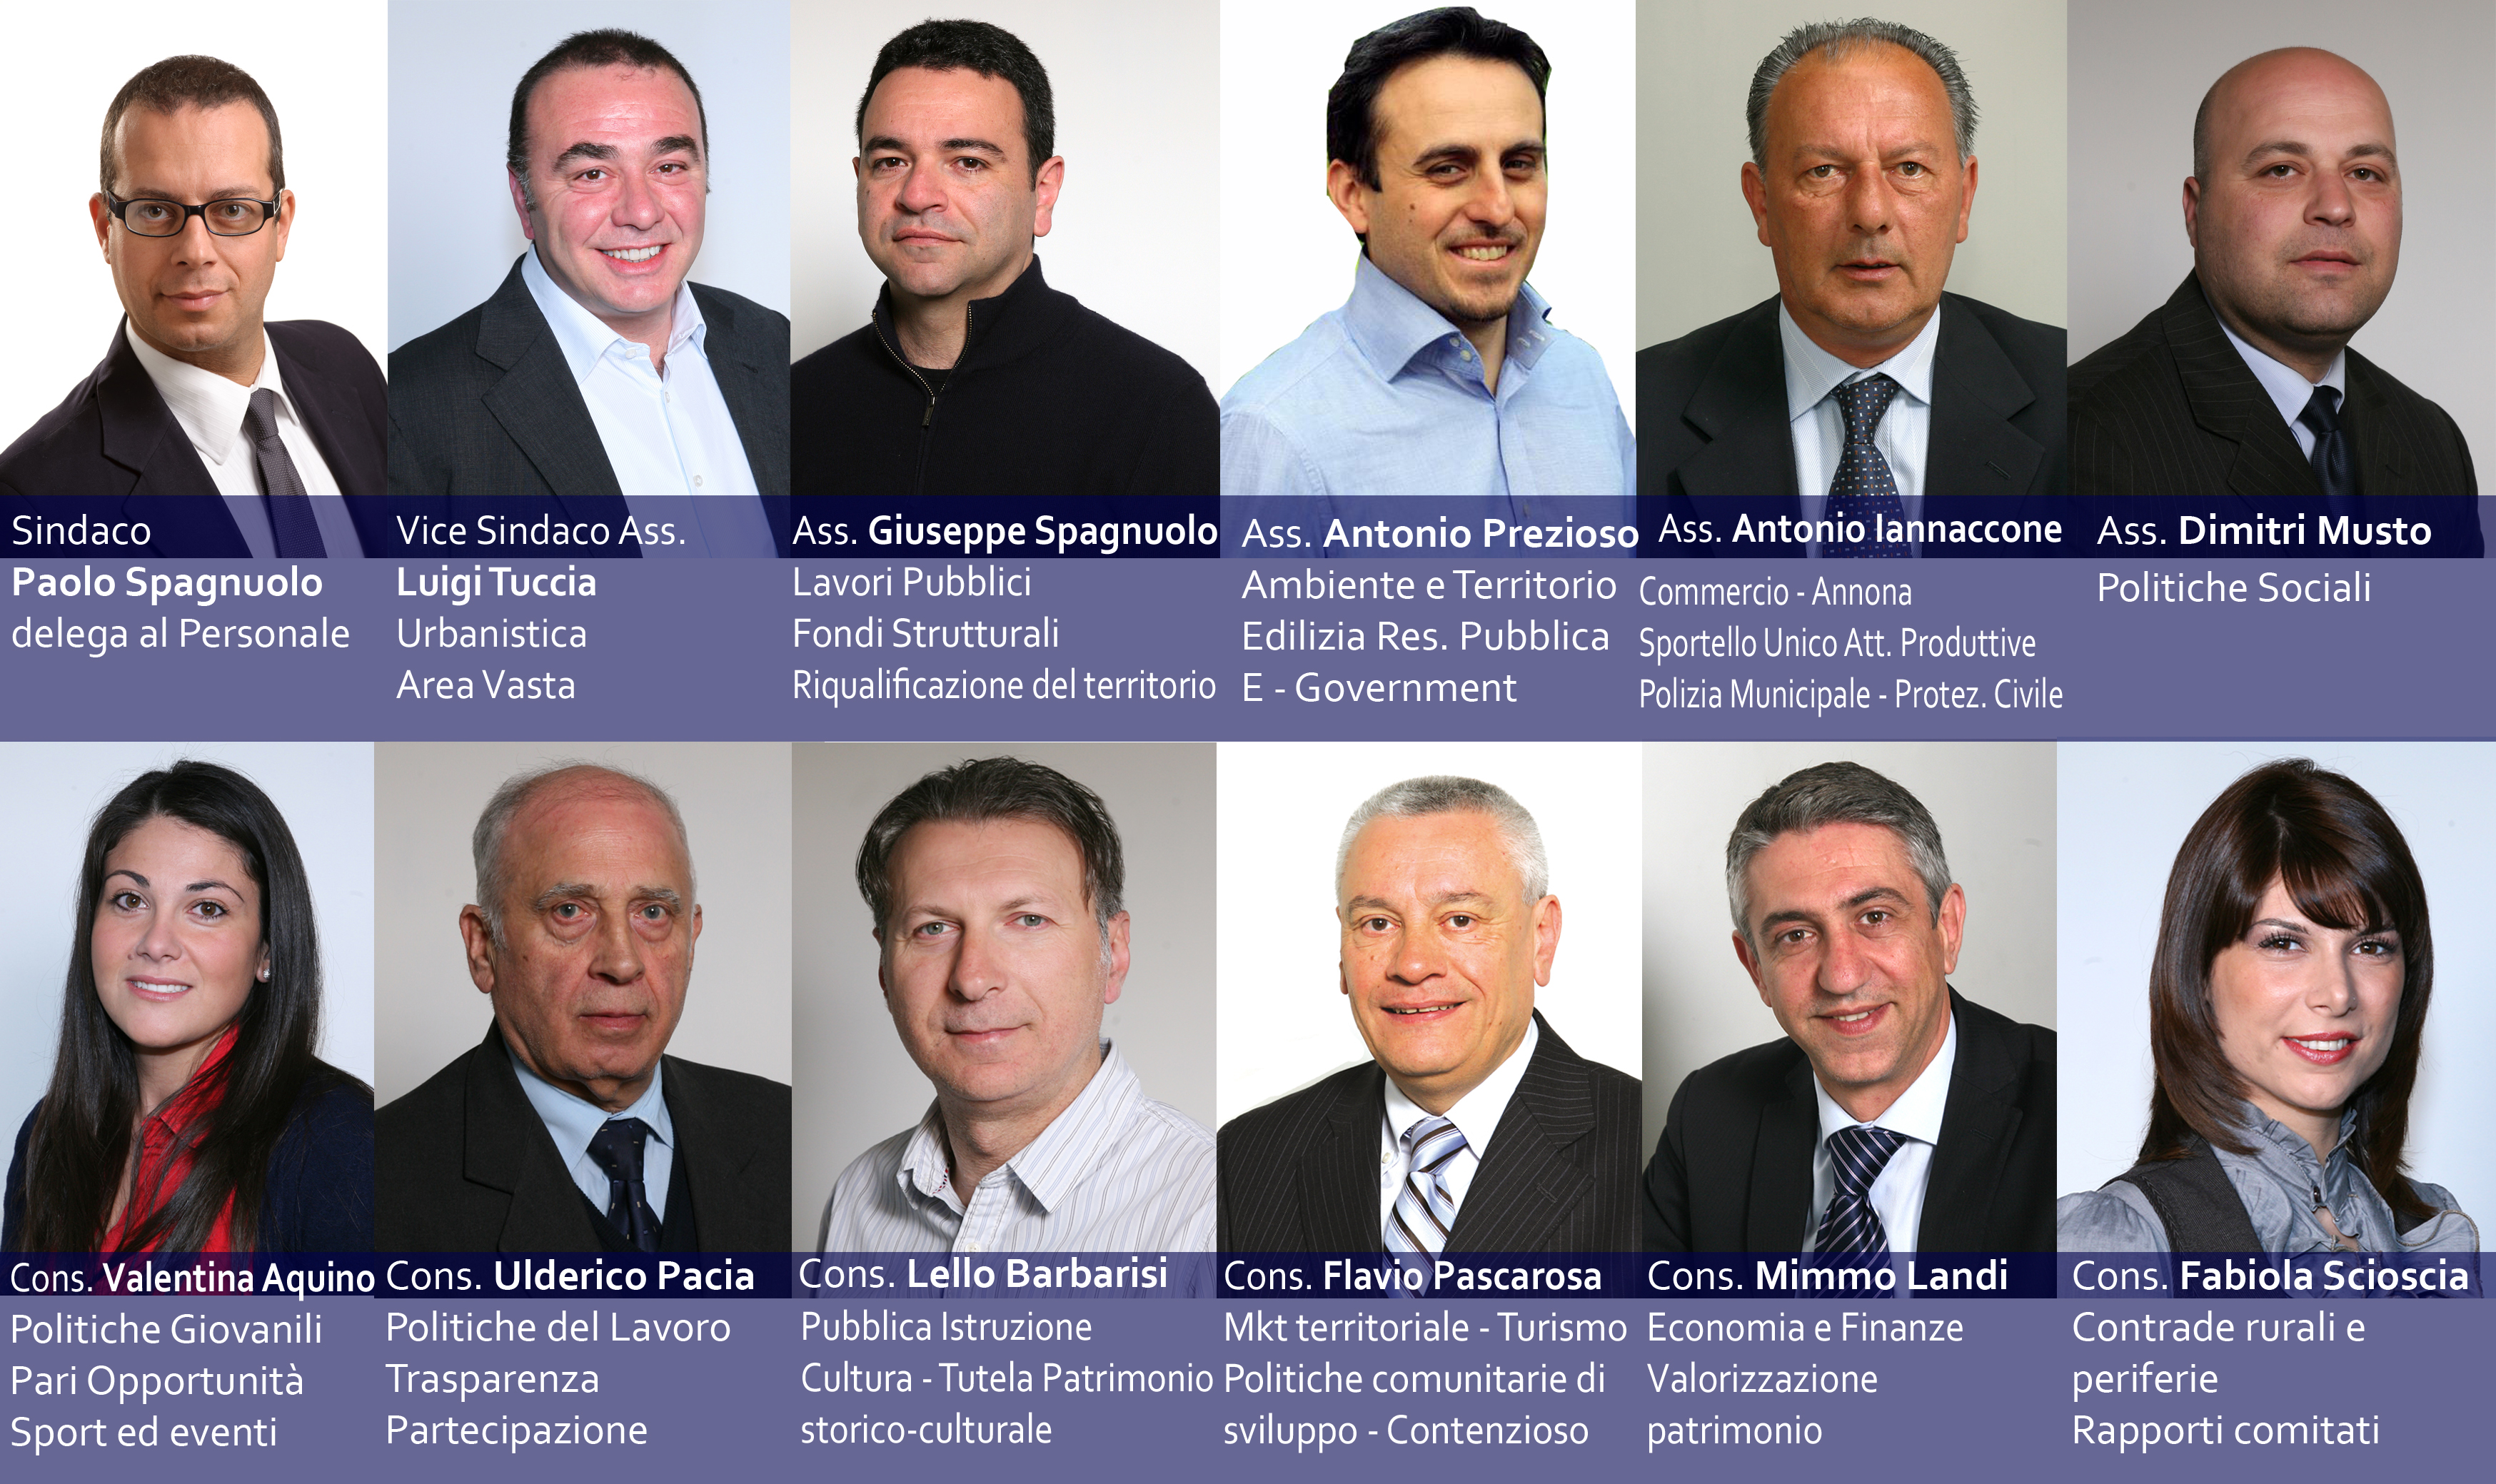 maggioranza-deleghe